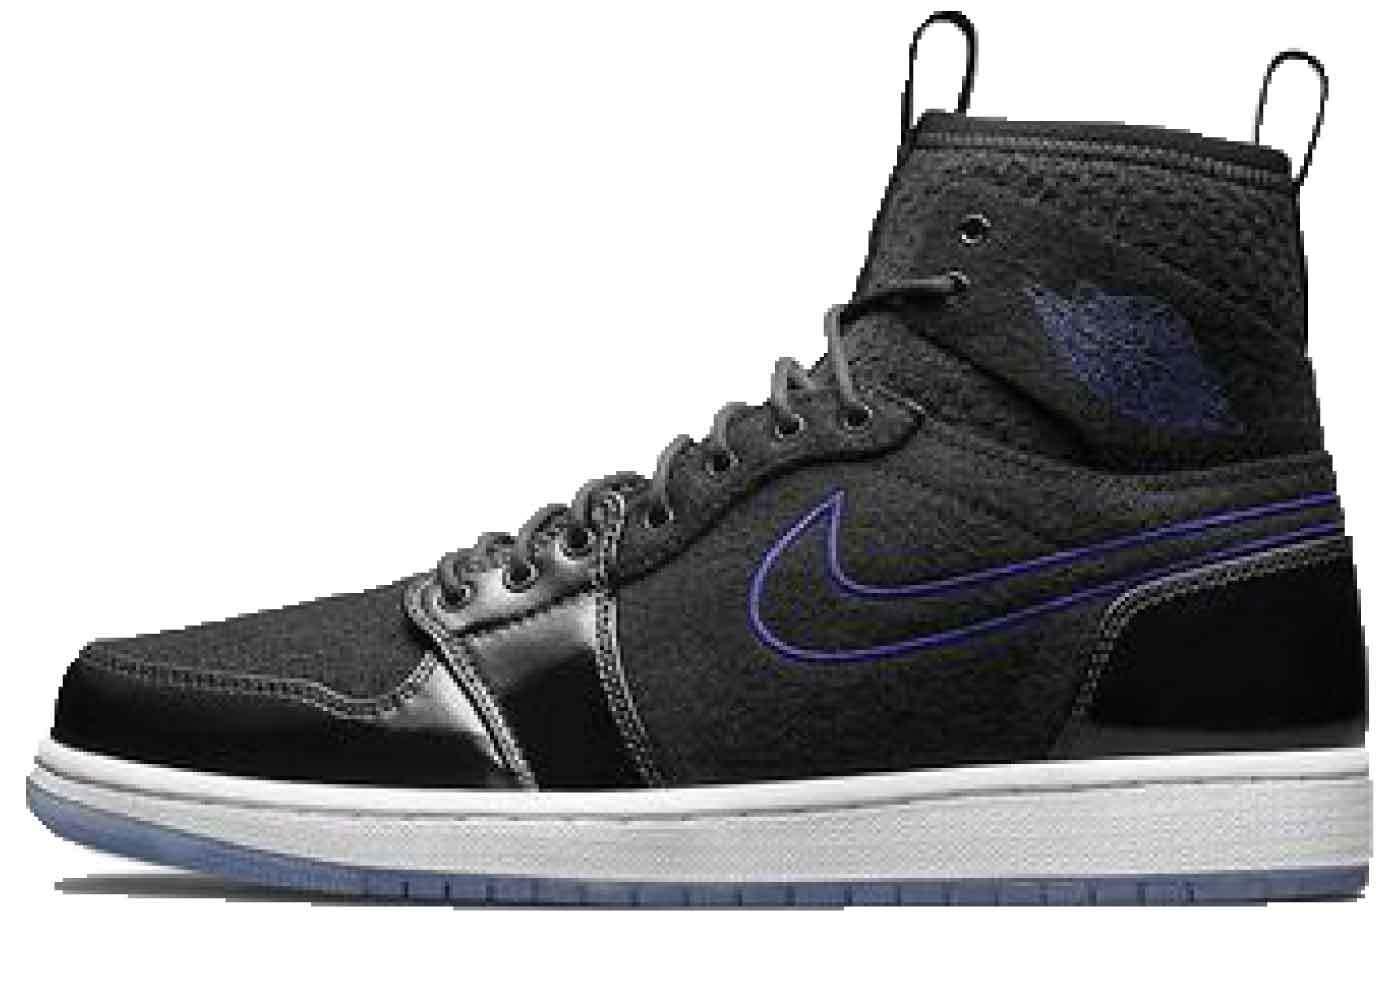 Nike Air Jordan 1 Retro Ultra High Space Jamの写真